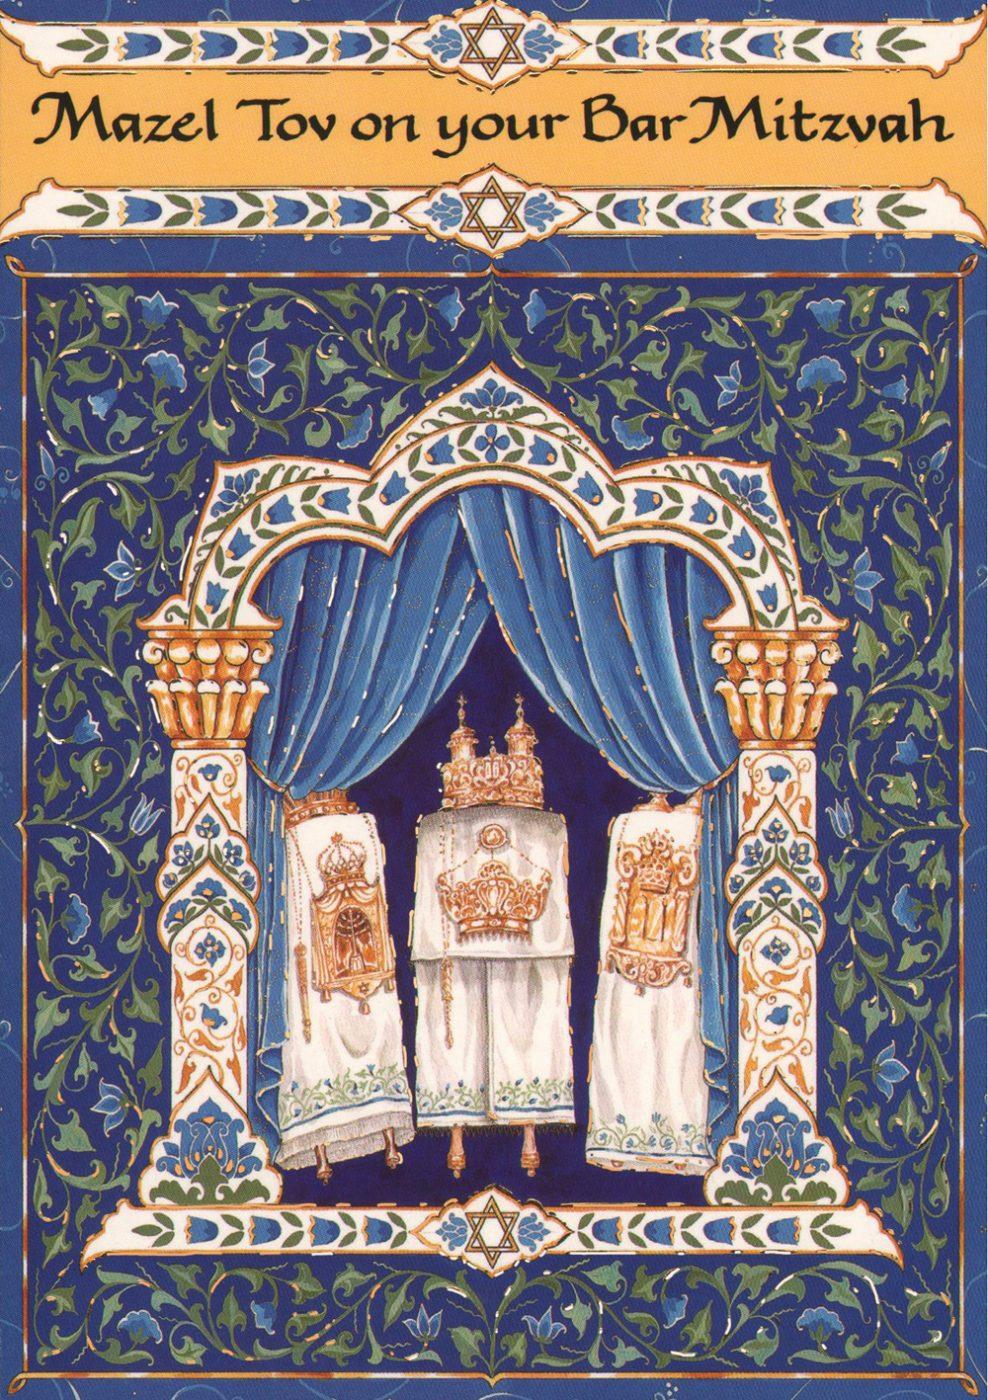 Bar Mitzvah  Caspi Cards  Art